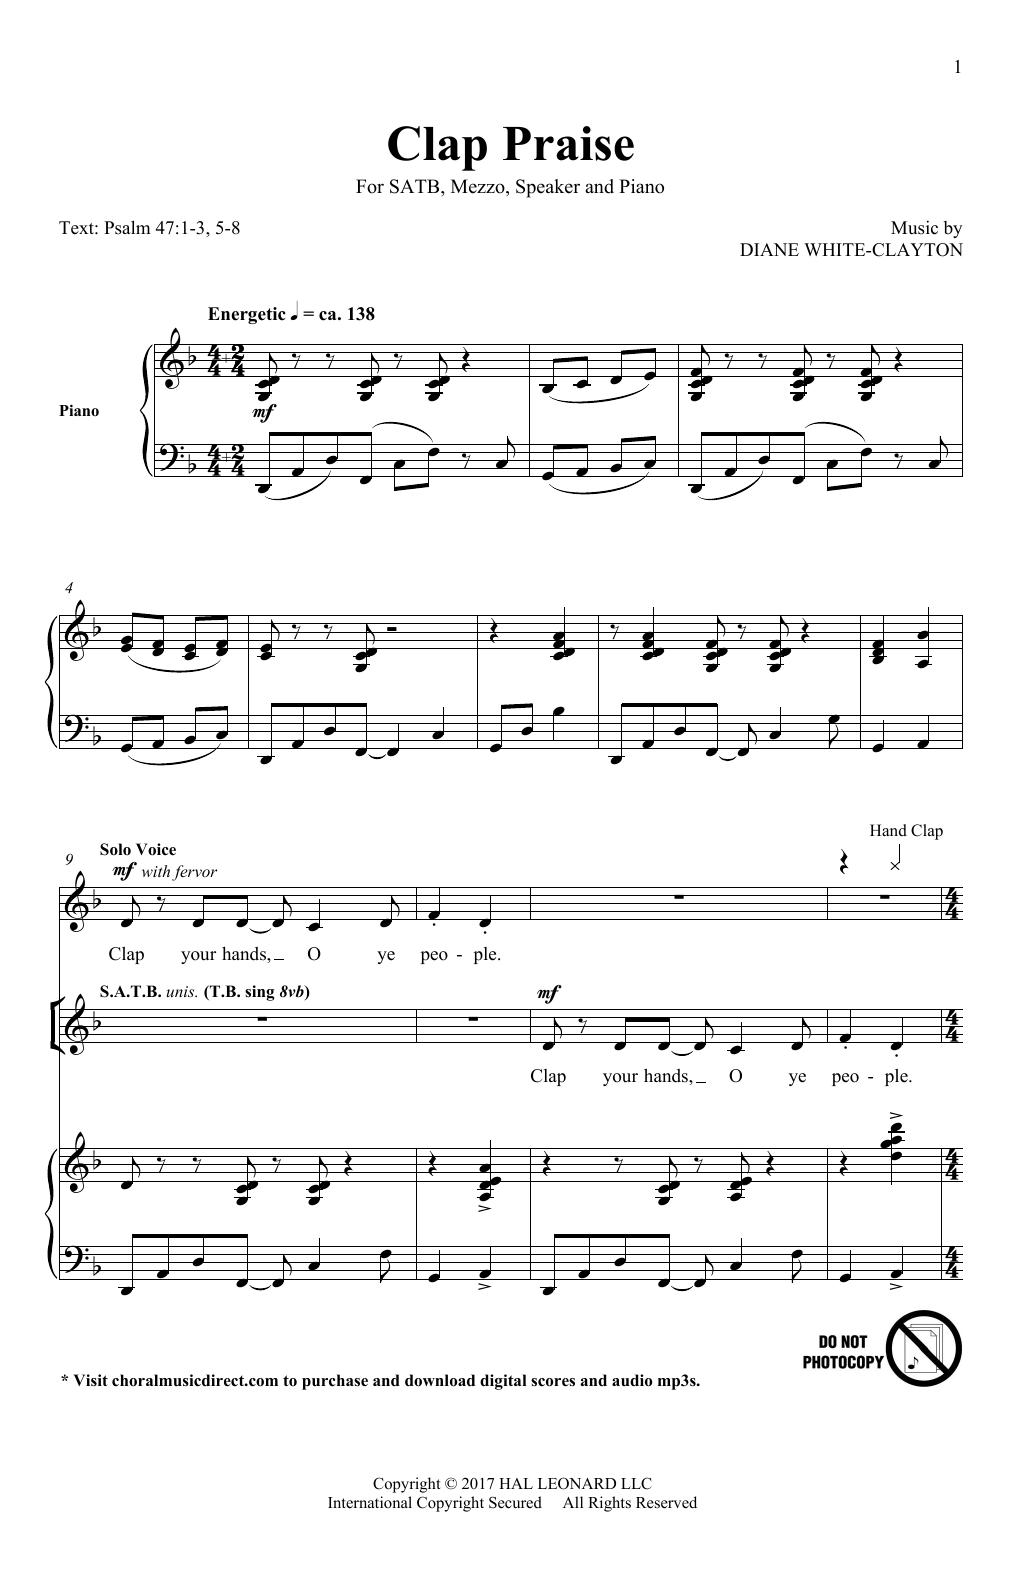 Diane White-Clayton Clap Praise sheet music notes and chords. Download Printable PDF.